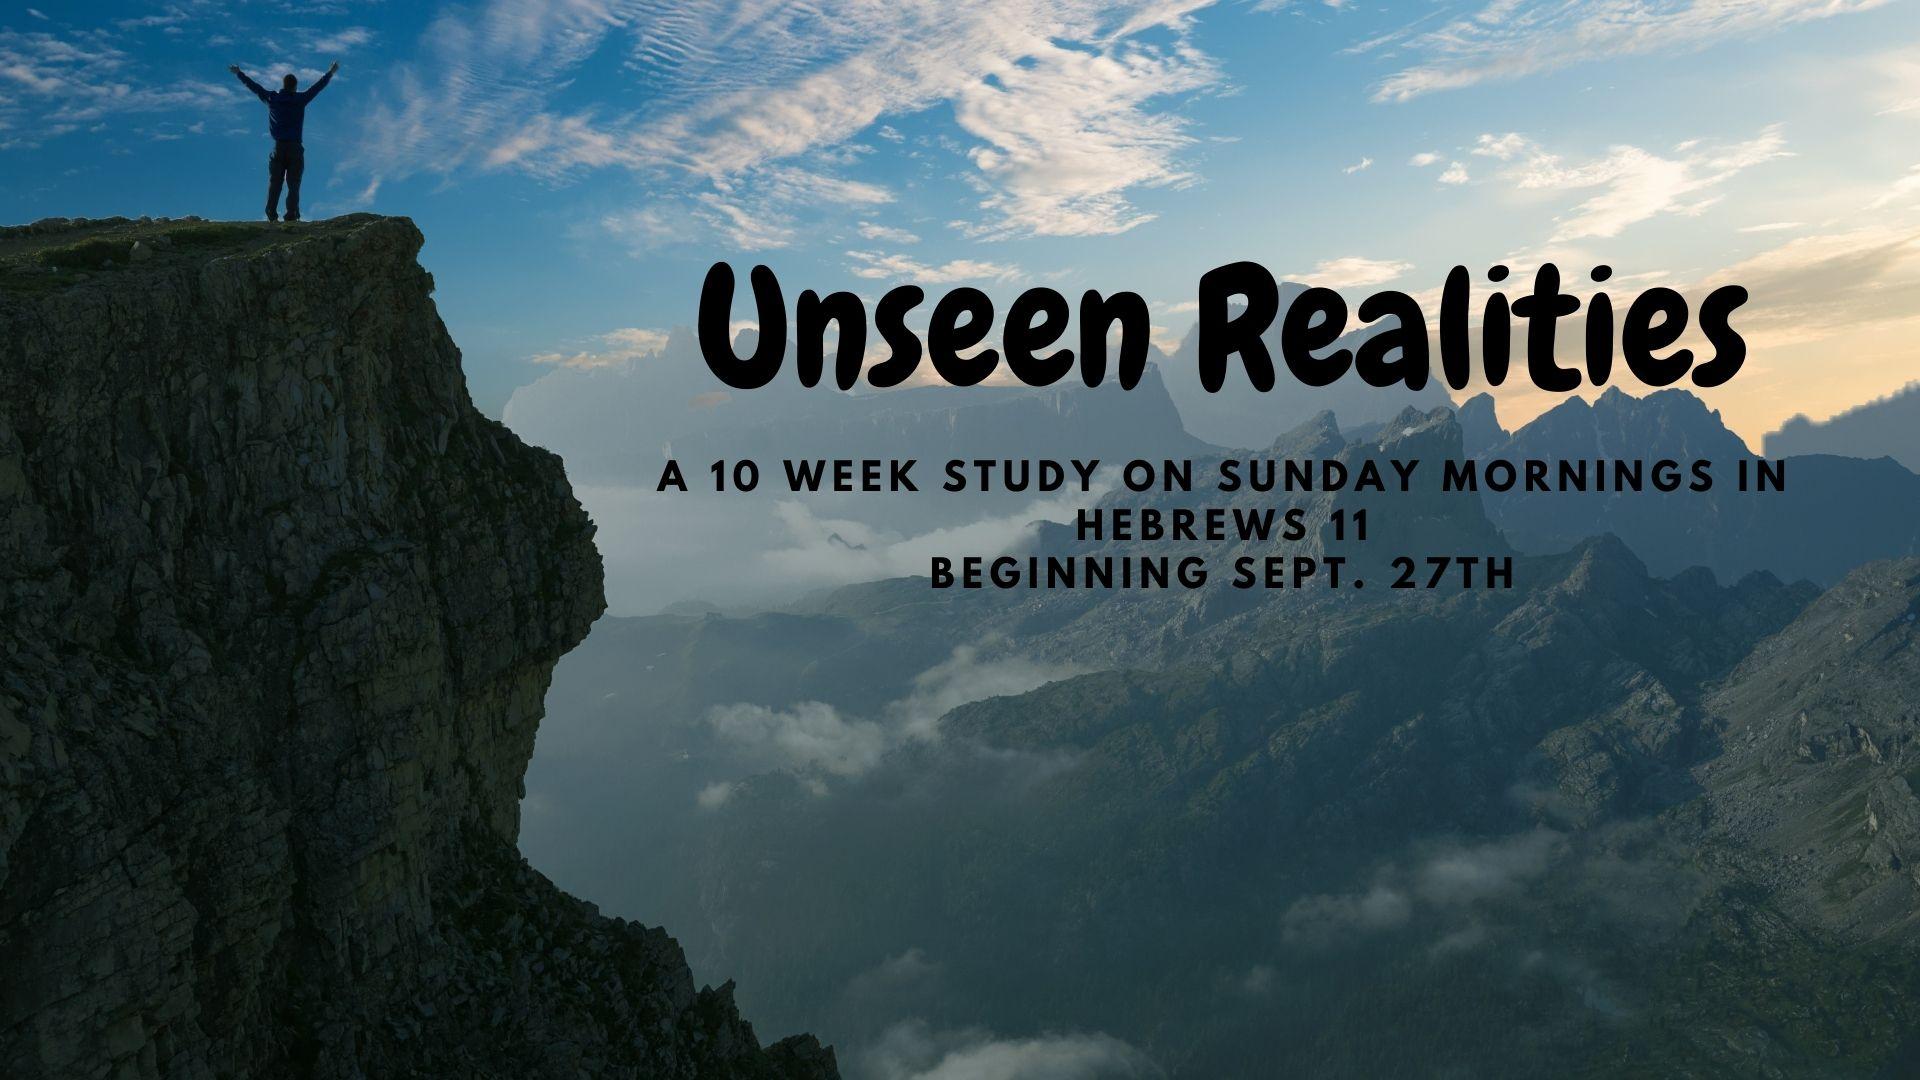 Unseen Realities – A 10 week series in Hebrews 11